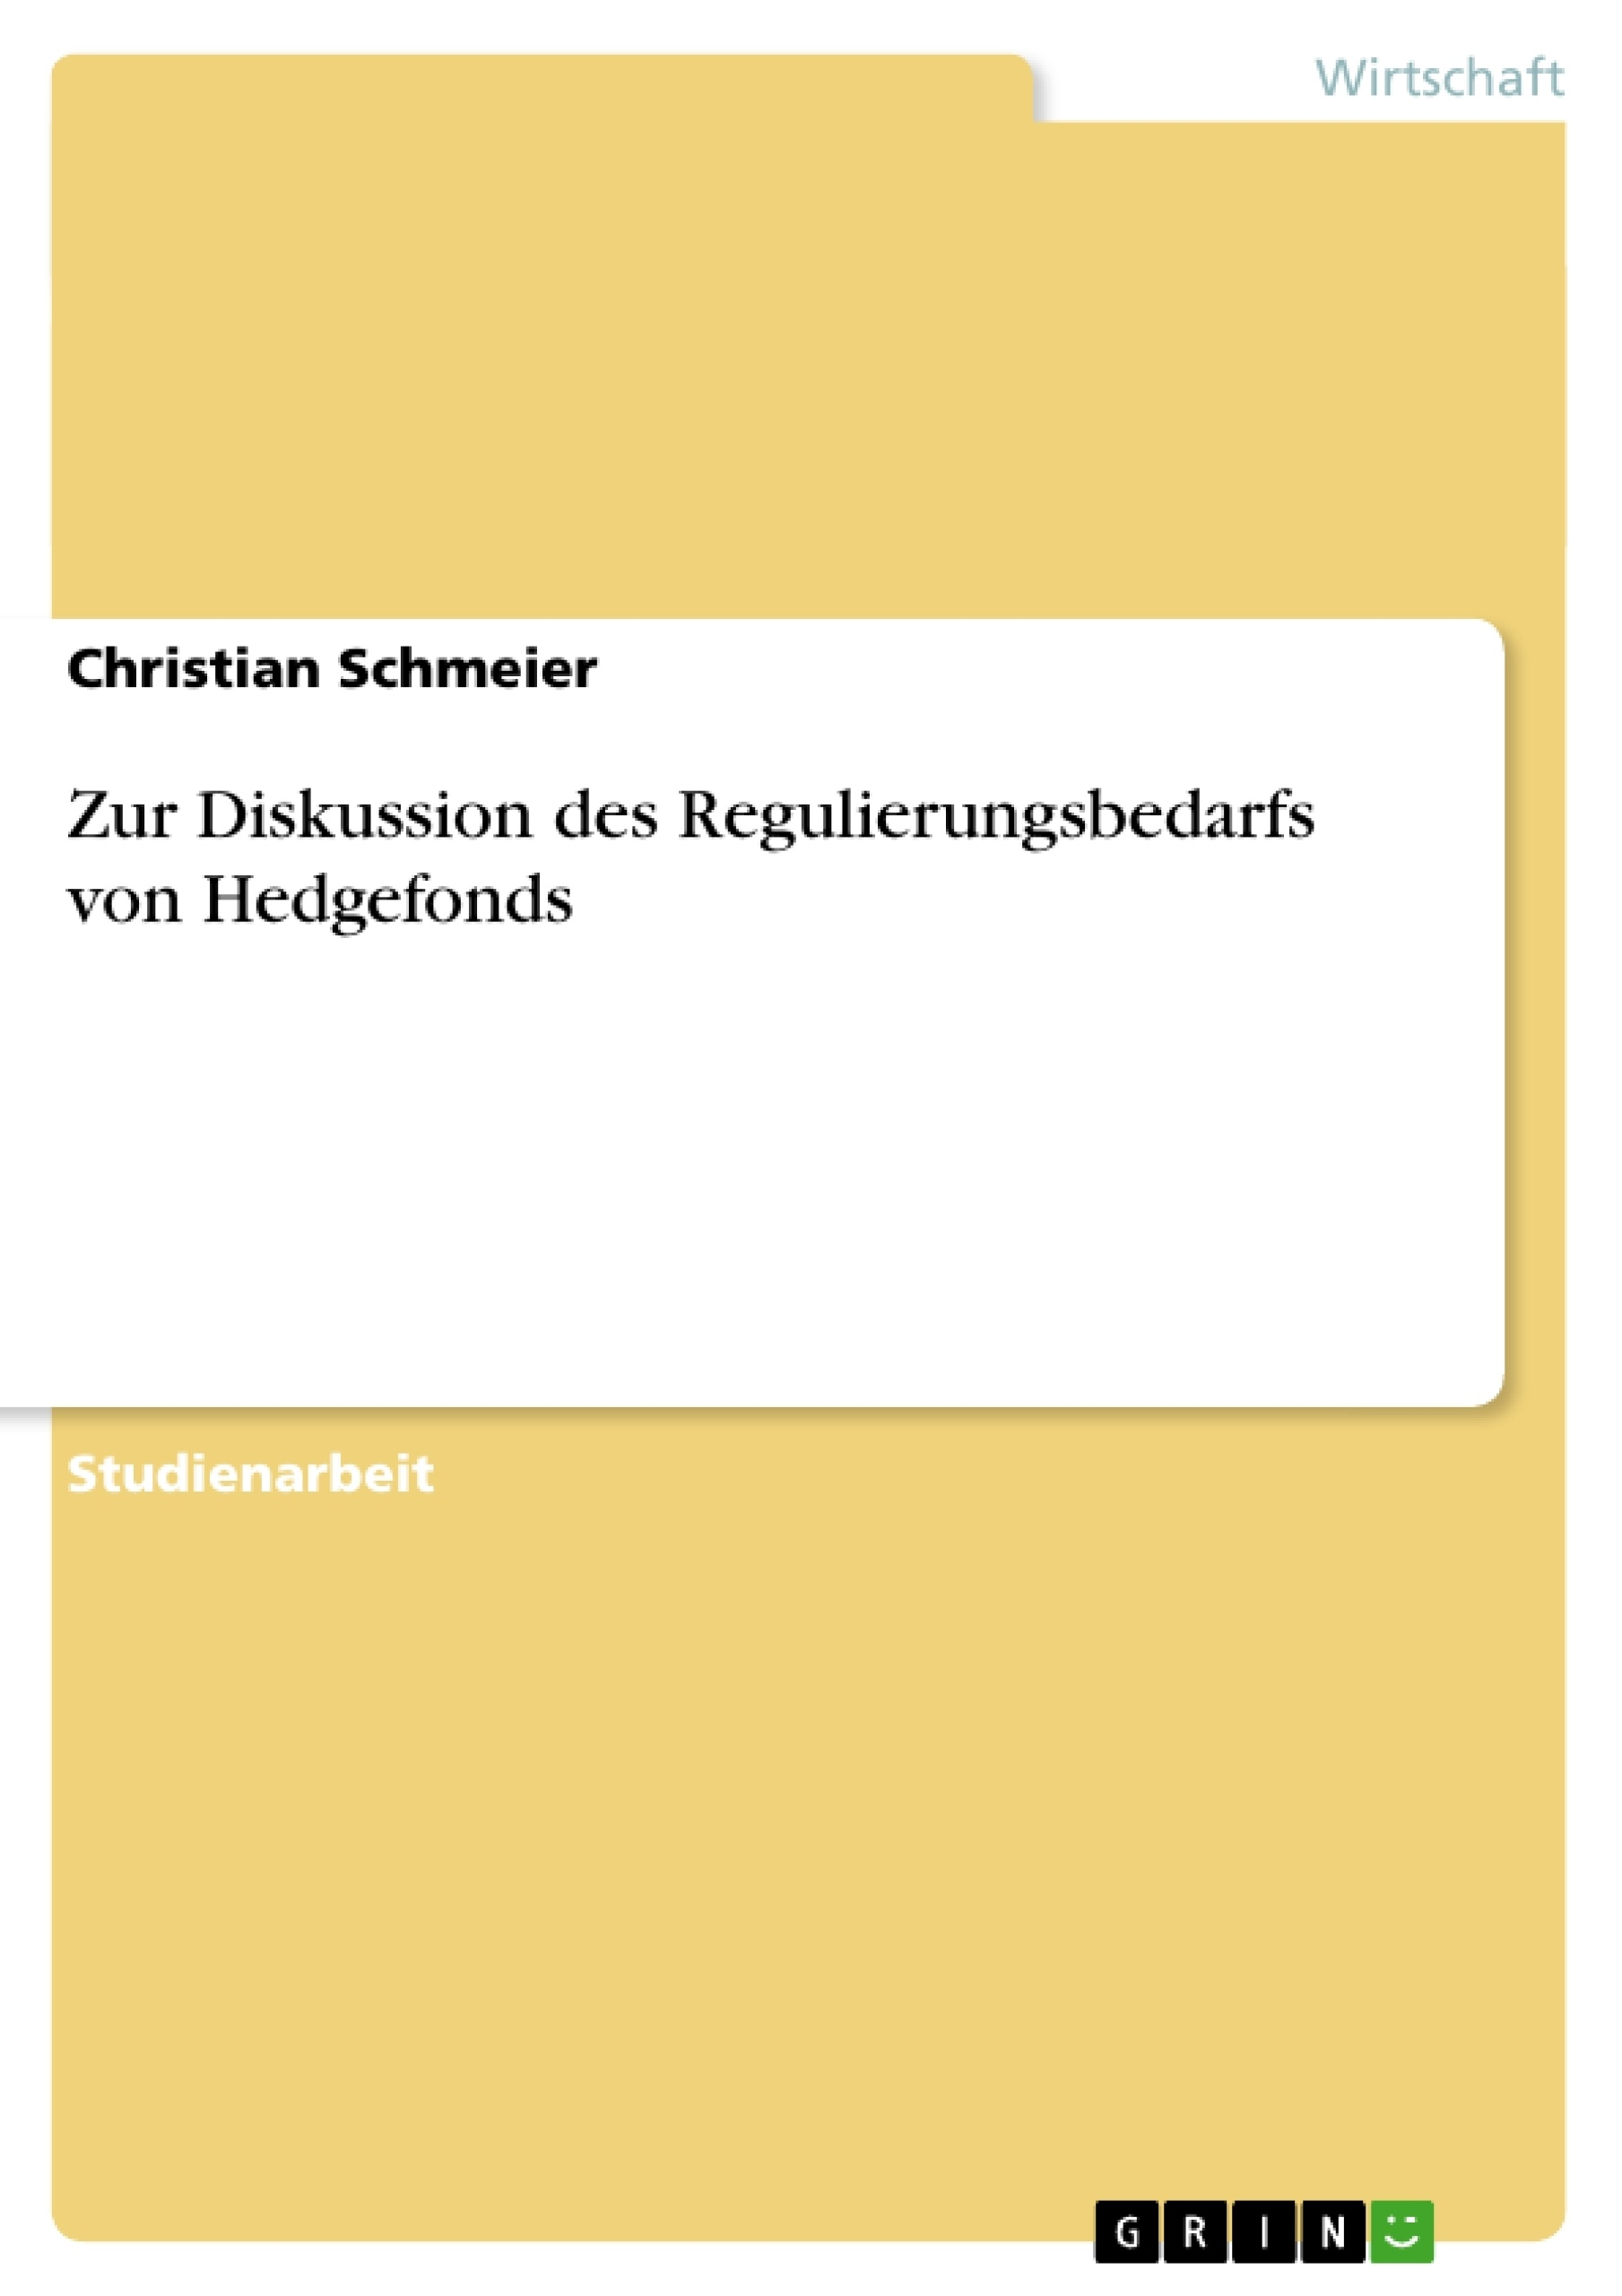 Titel: Zur Diskussion des  Regulierungsbedarfs von Hedgefonds